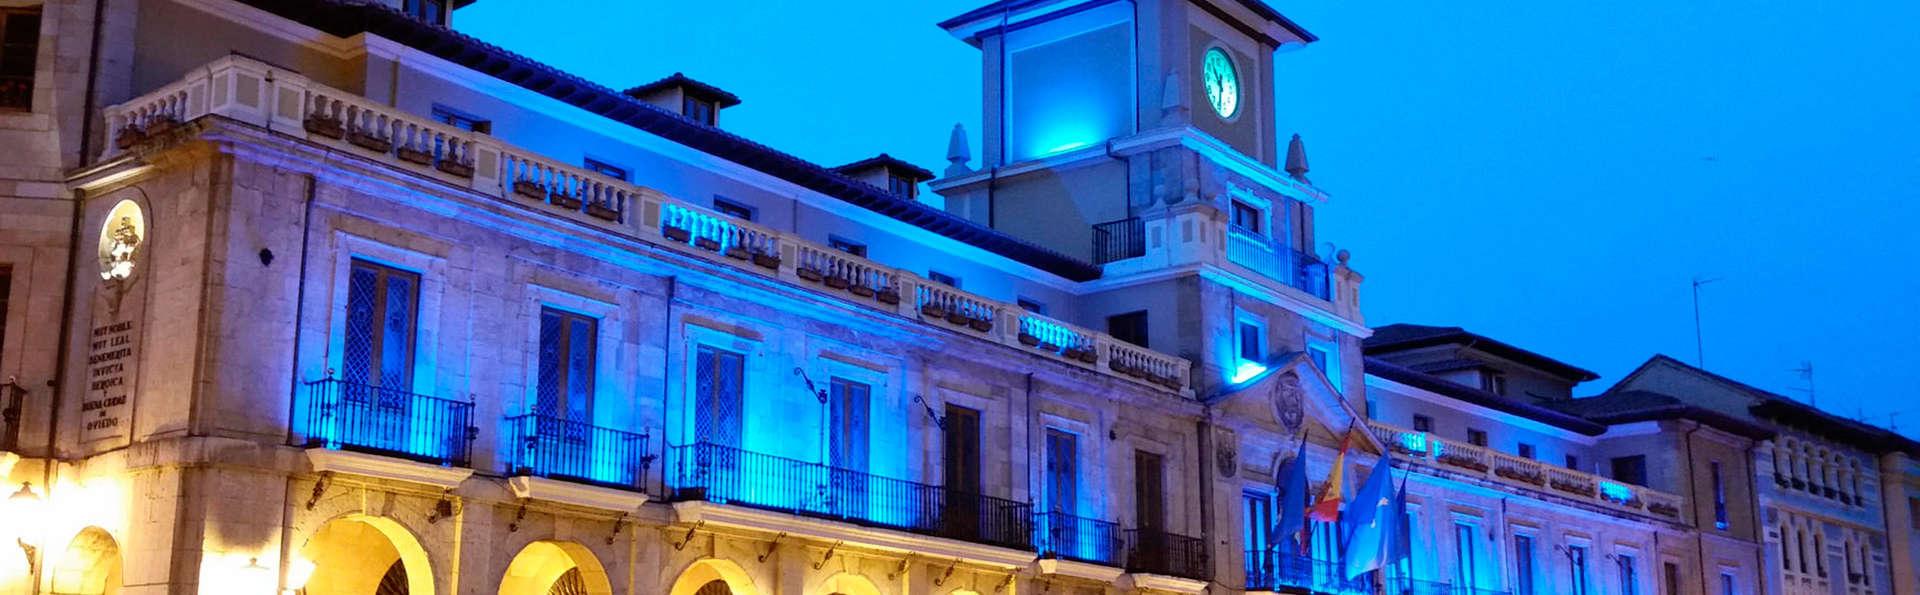 Hotel Nature Oviedo - EDIT_destination1.jpg